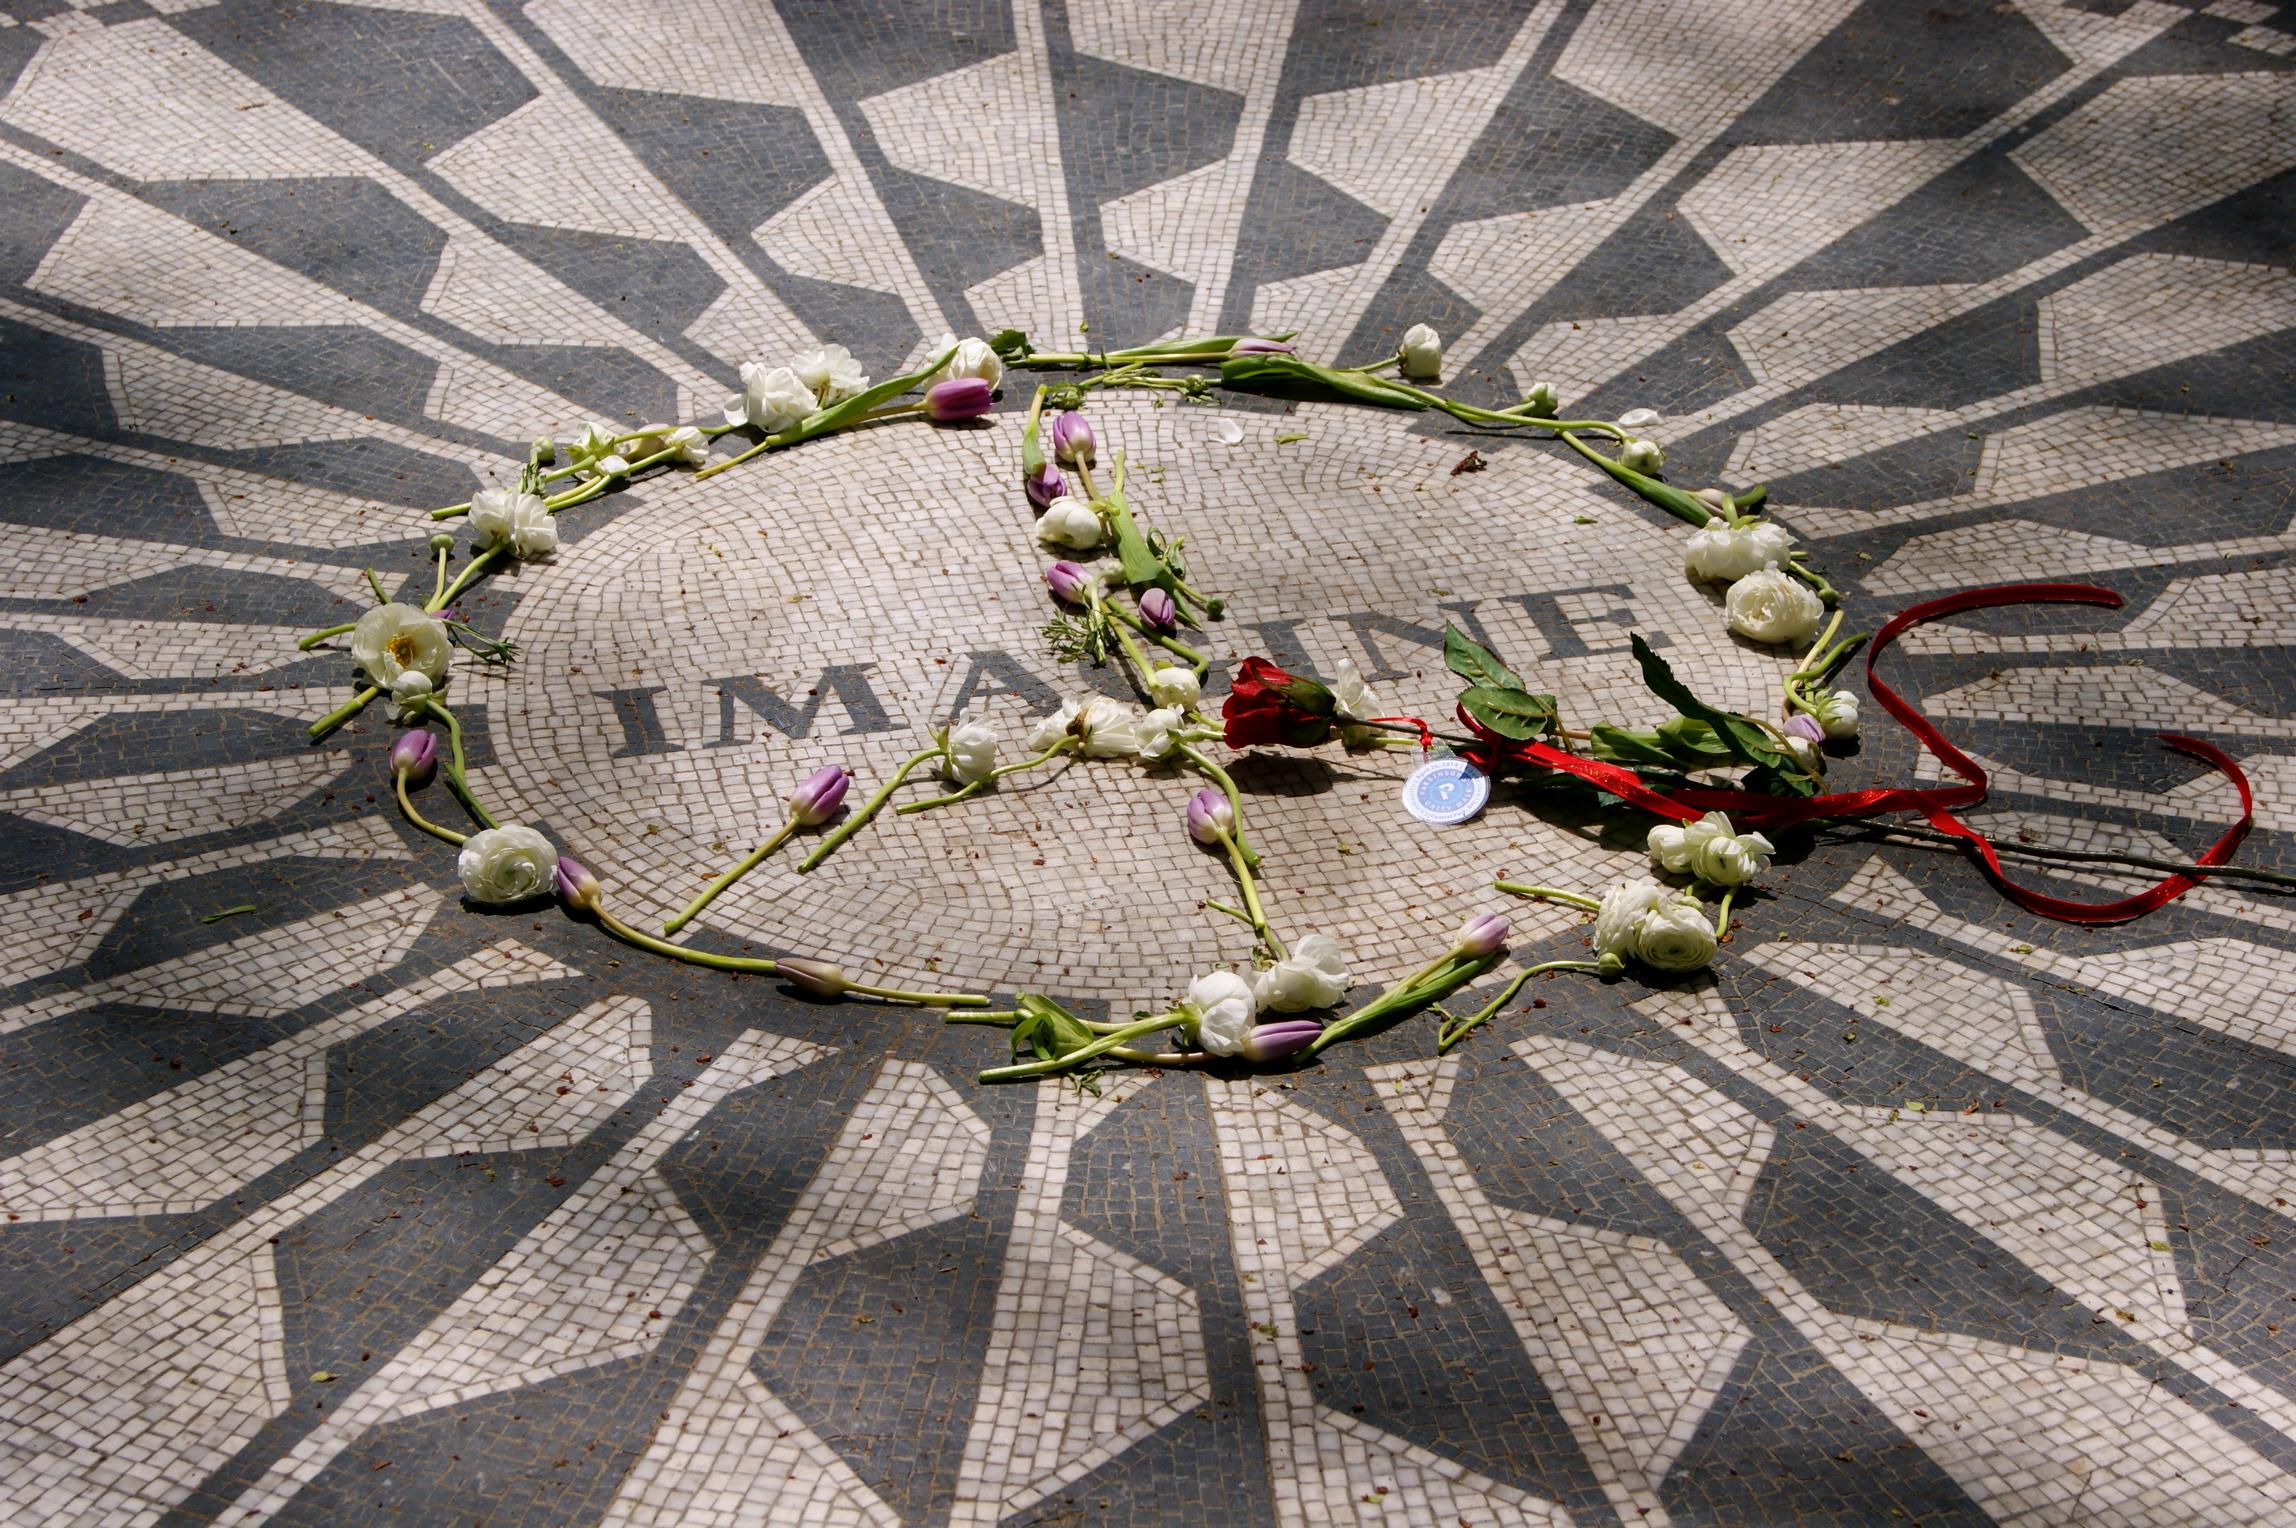 John Lennon memorial at Strawberry Fields